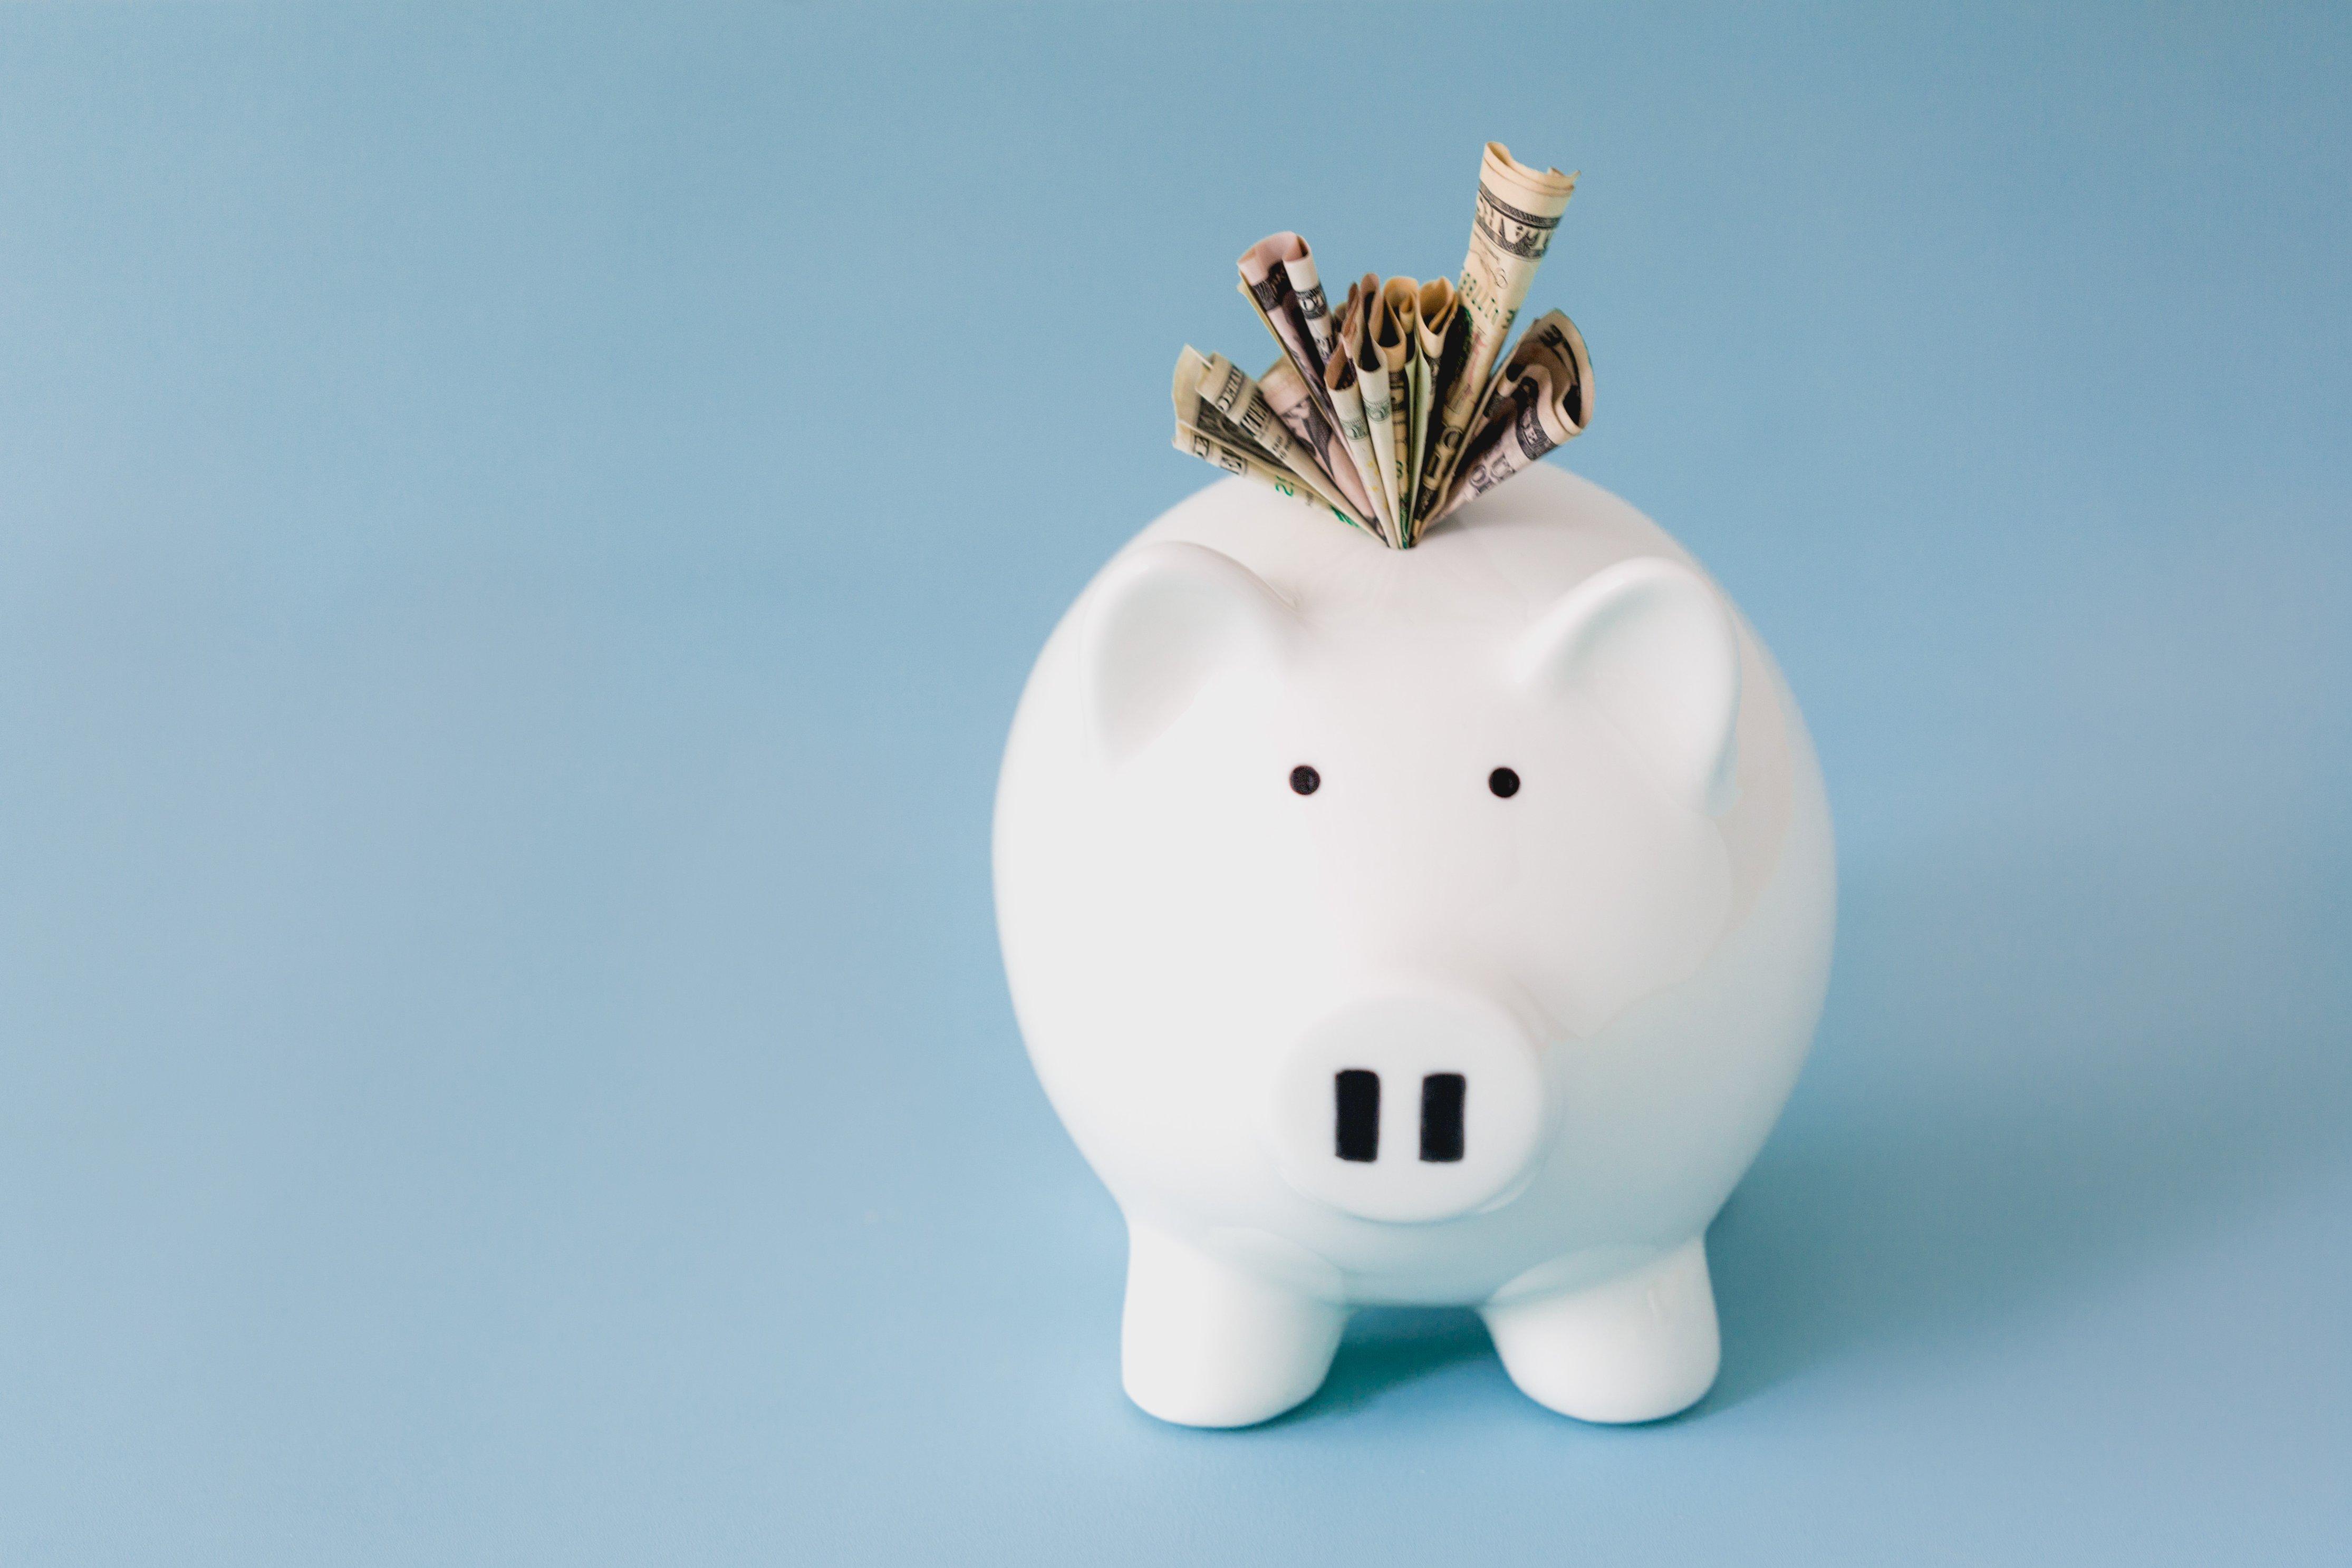 Investir dans l'or : comment répartir son patrimoine ?